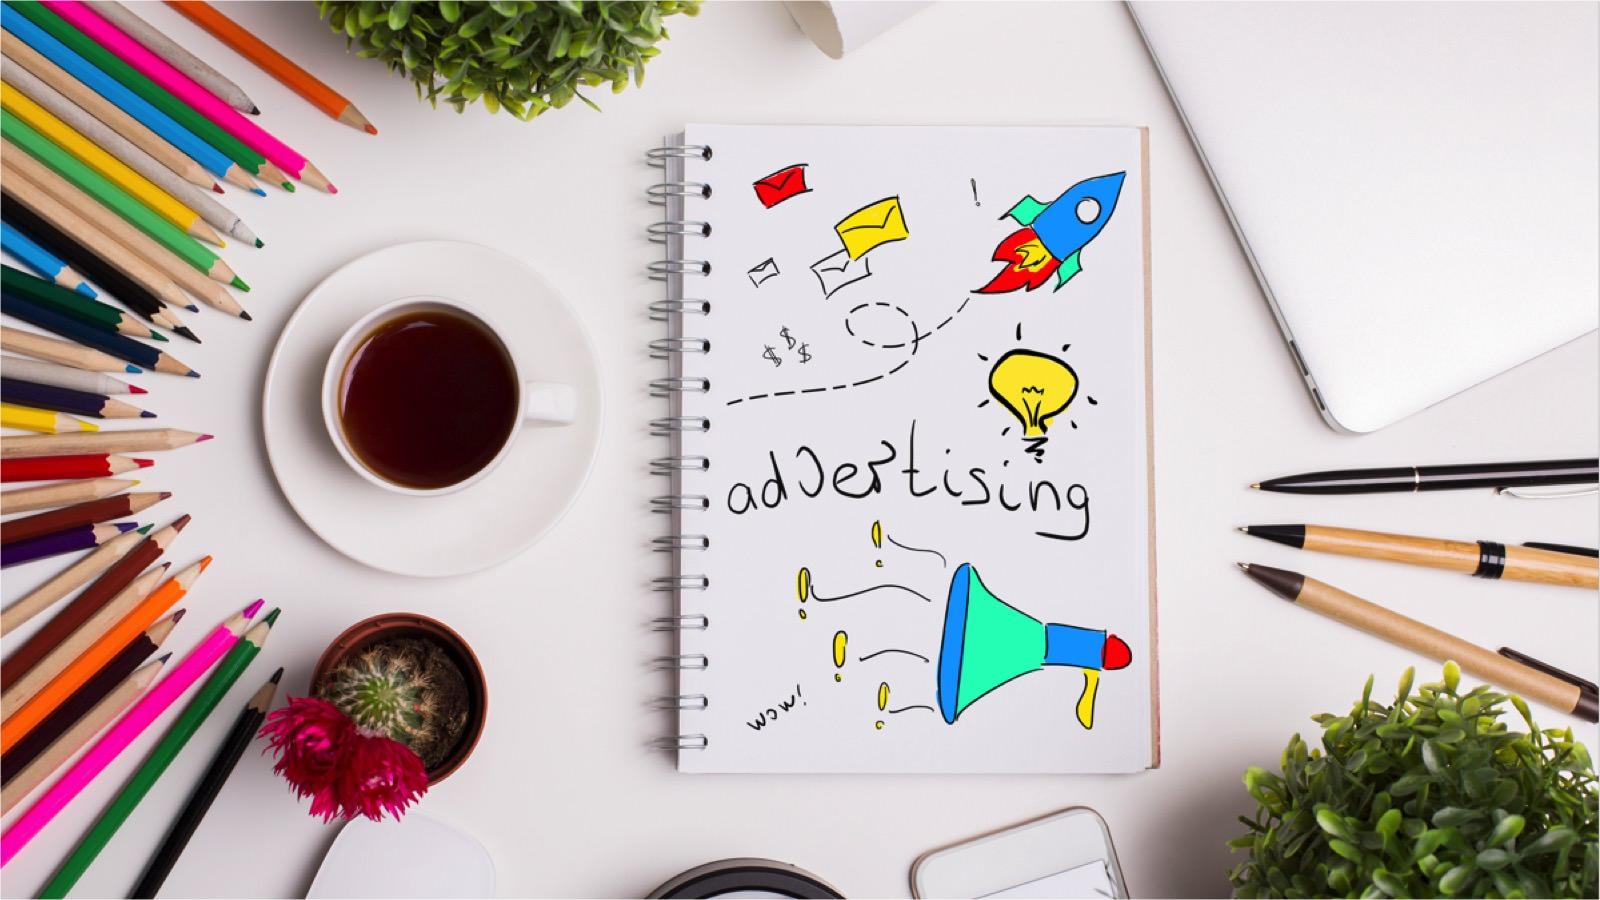 インスタグラム広告の費用|課金方法や単価、およその出稿予算を解説